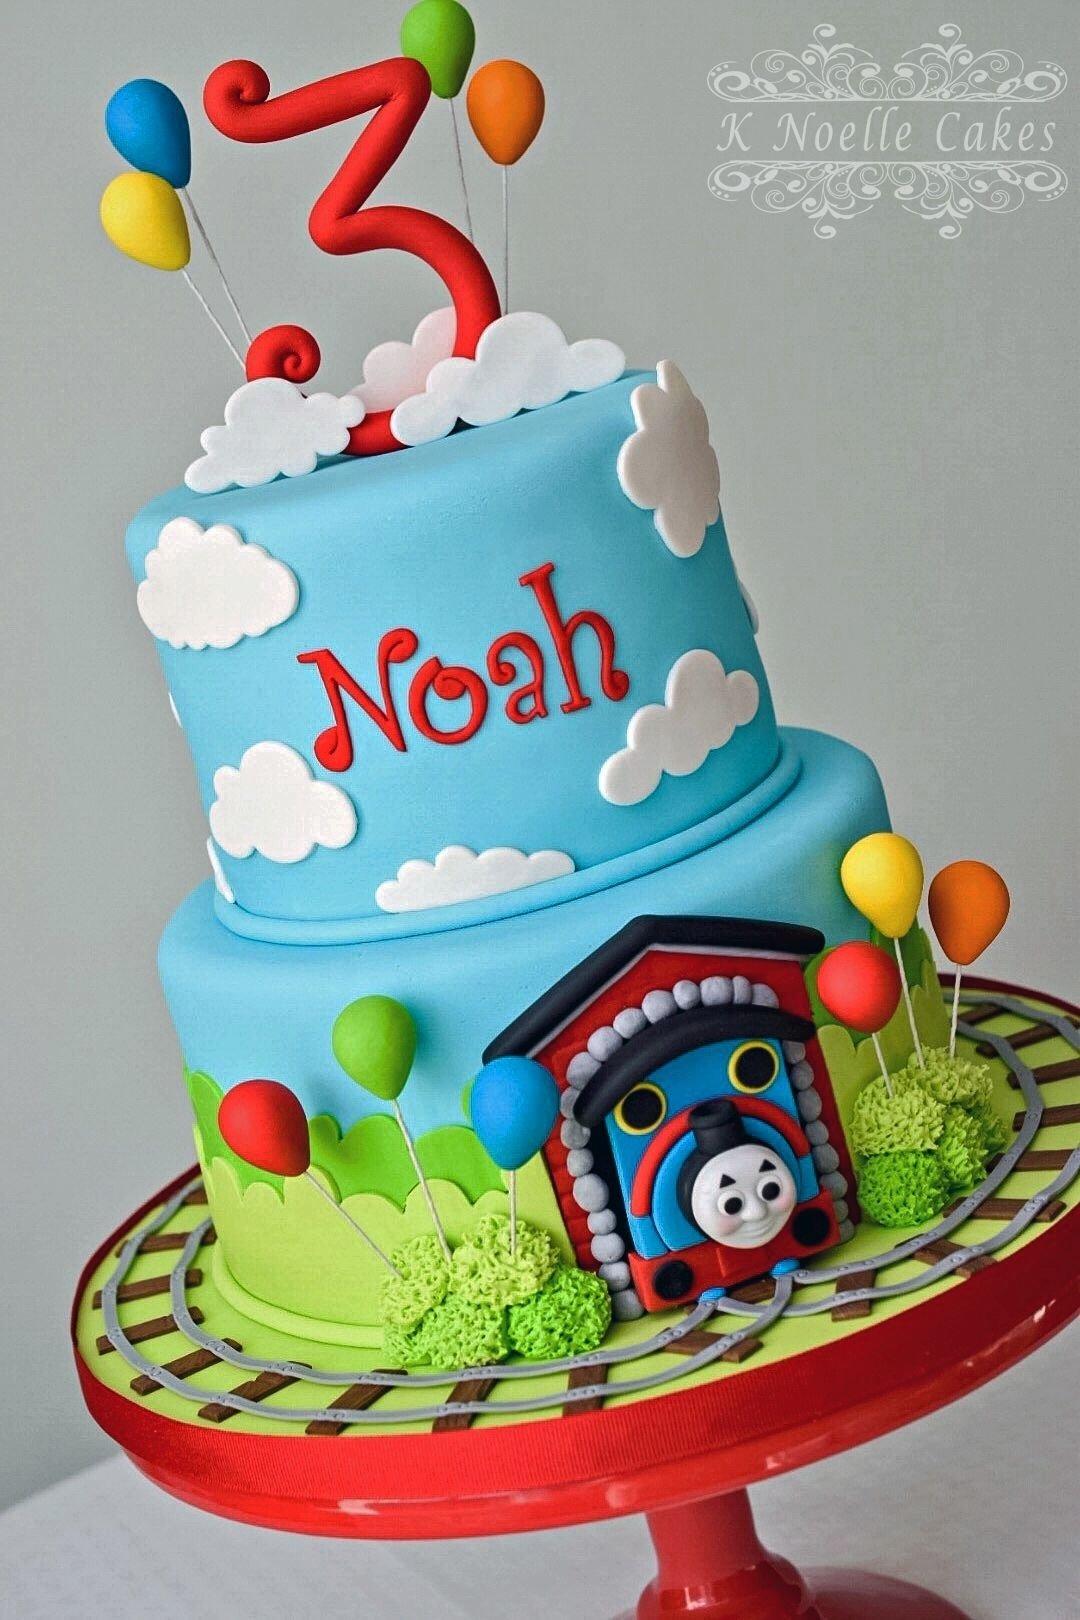 10 Nice Thomas And Friends Cake Ideas thomas the train cakek noelle cakes cakes by k noelle cakes 1